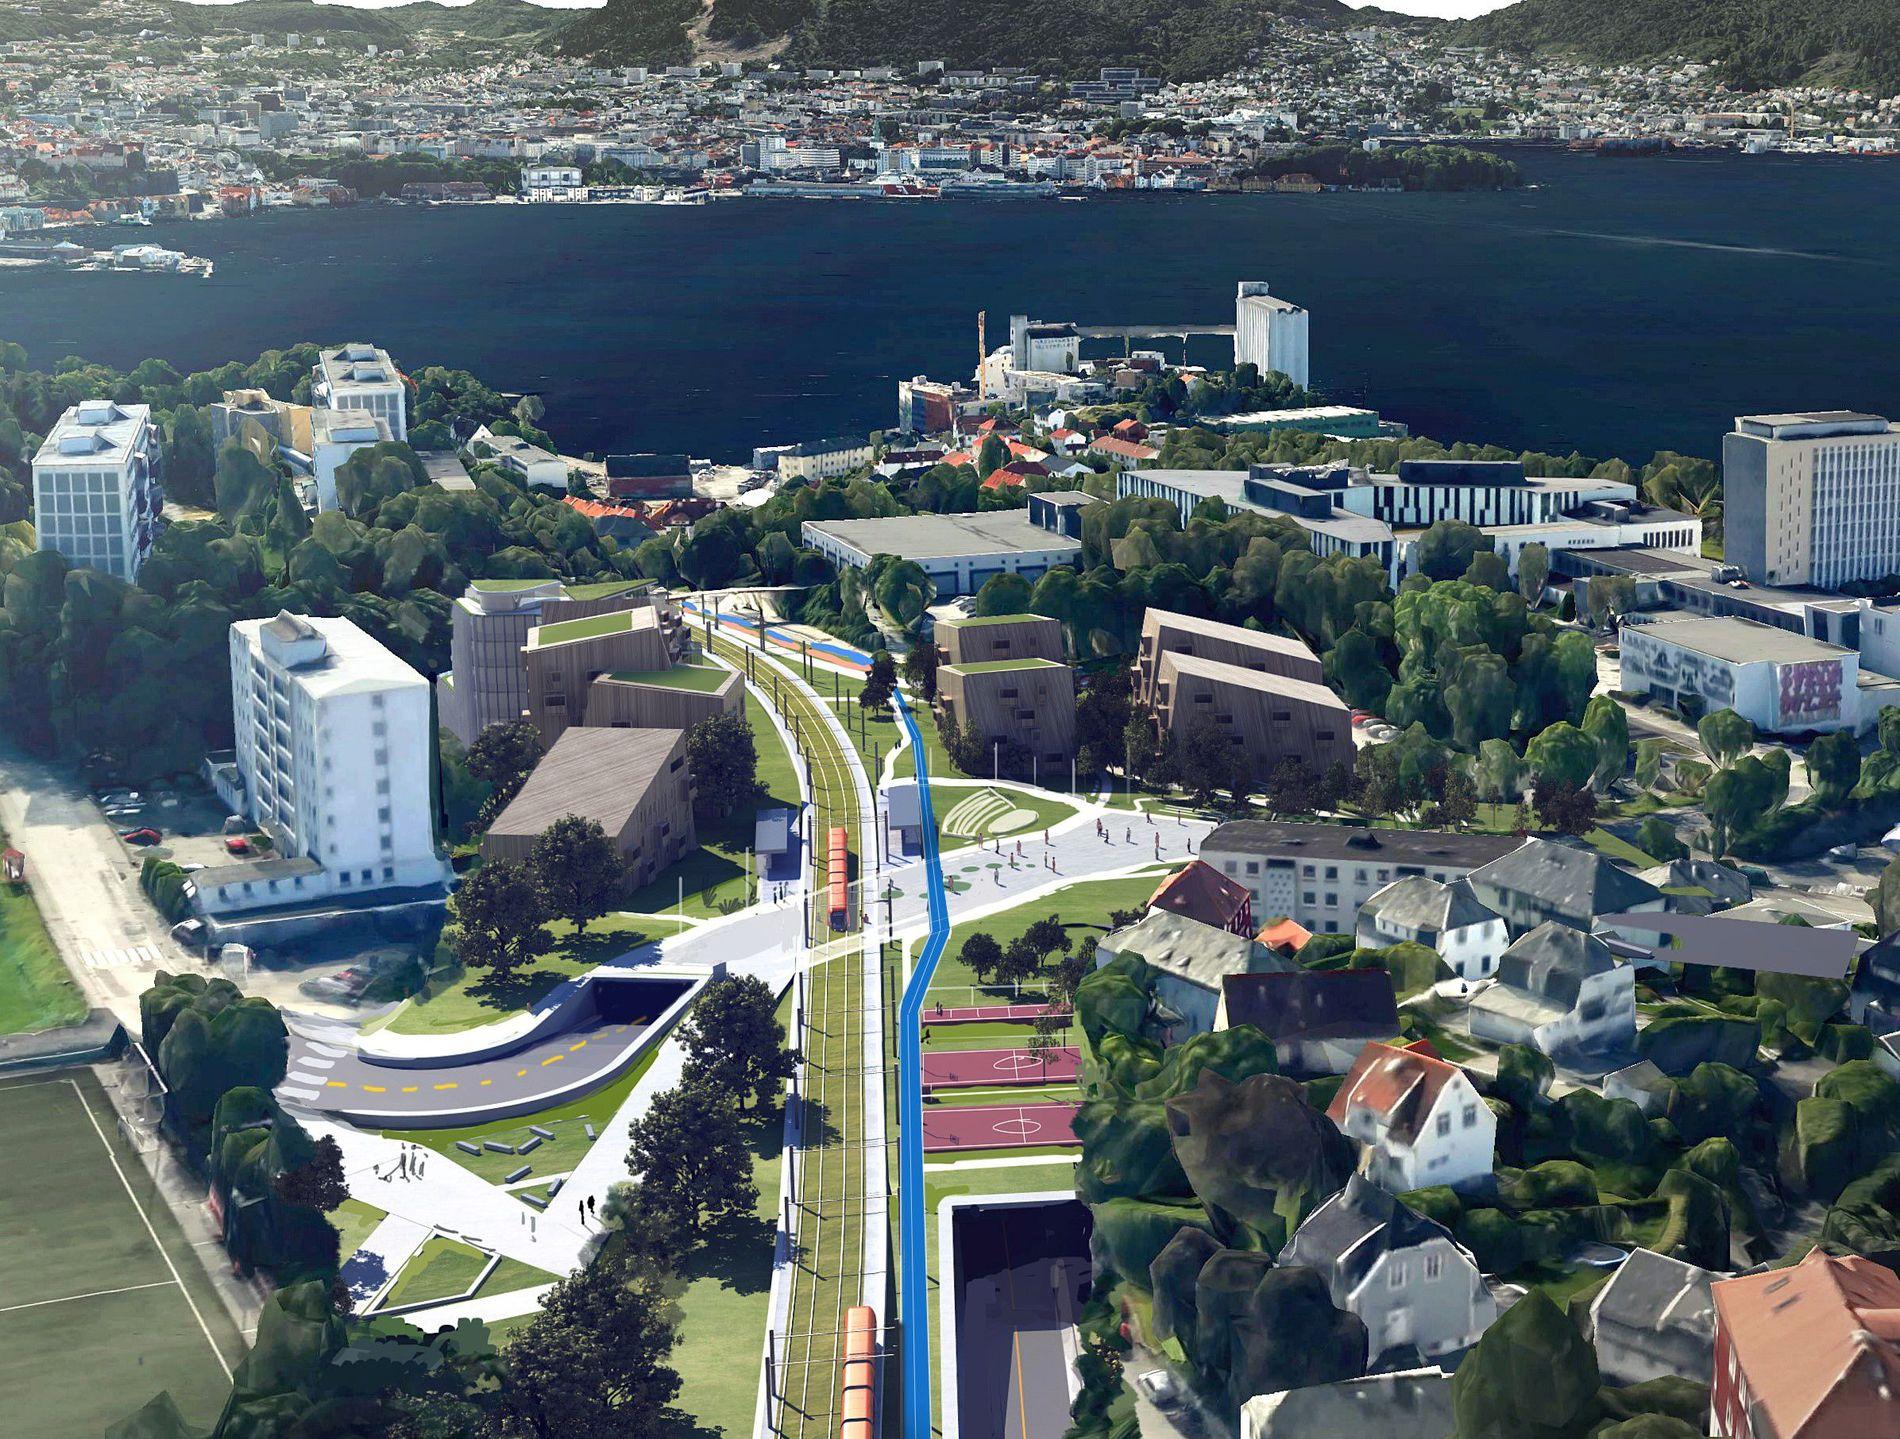 BYBANEN: I Bergen er det store flertallet enige om at vi kan få det bedre i byen vår om alle bare kjører litt mindre bil. Likevel er det protester mot bompenger, mot fortetting og mot Bybanen, skriver Per-Arne Larsen (V). Bildet er en illustrasjon av hvordan Bybanen gjennom Sandviken kan se ut.